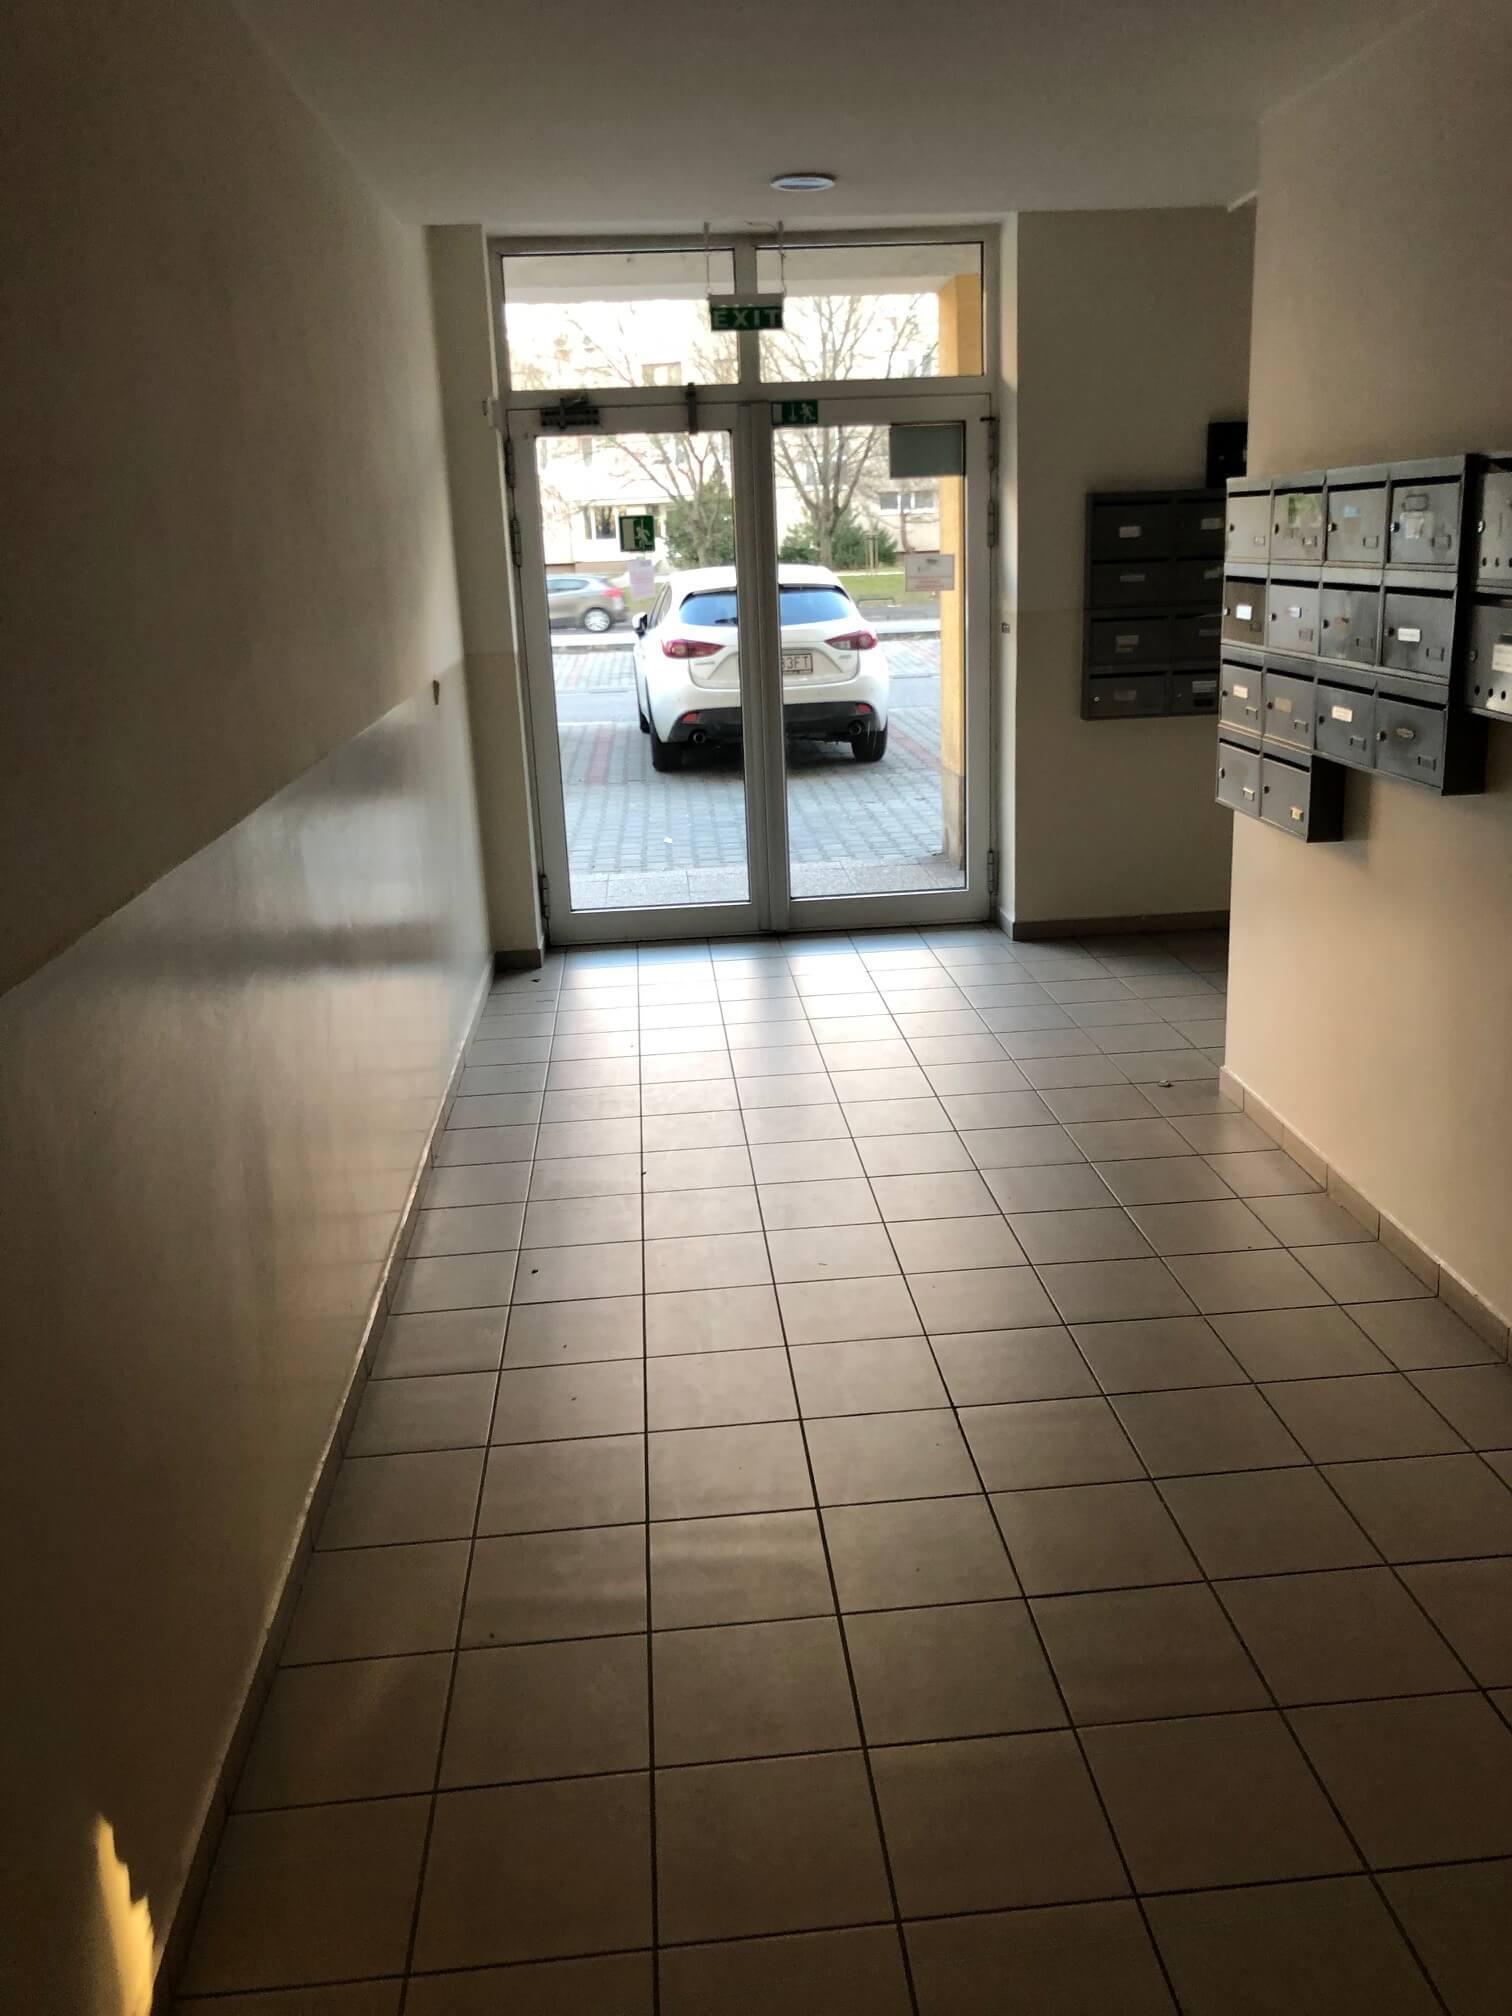 Predané: Exkluzívne na predaj 3 izb. byt, 72 m2, balkón 8 m2, parkovacie státie, Bratislava, Petržalka, Budatínska-21